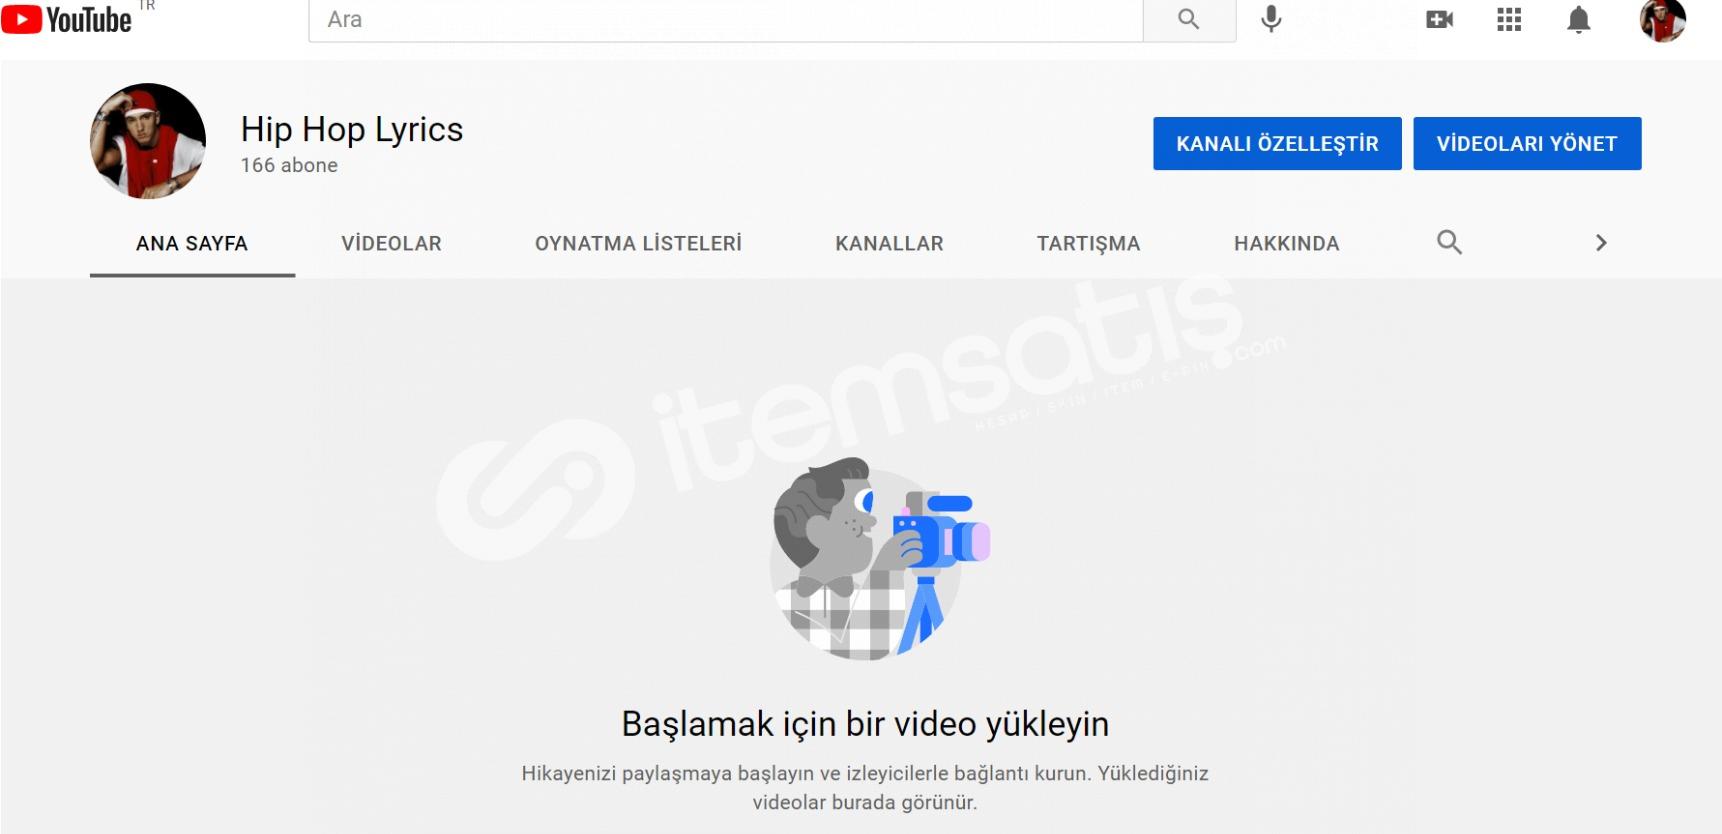 166 aboneli youtube hesabı